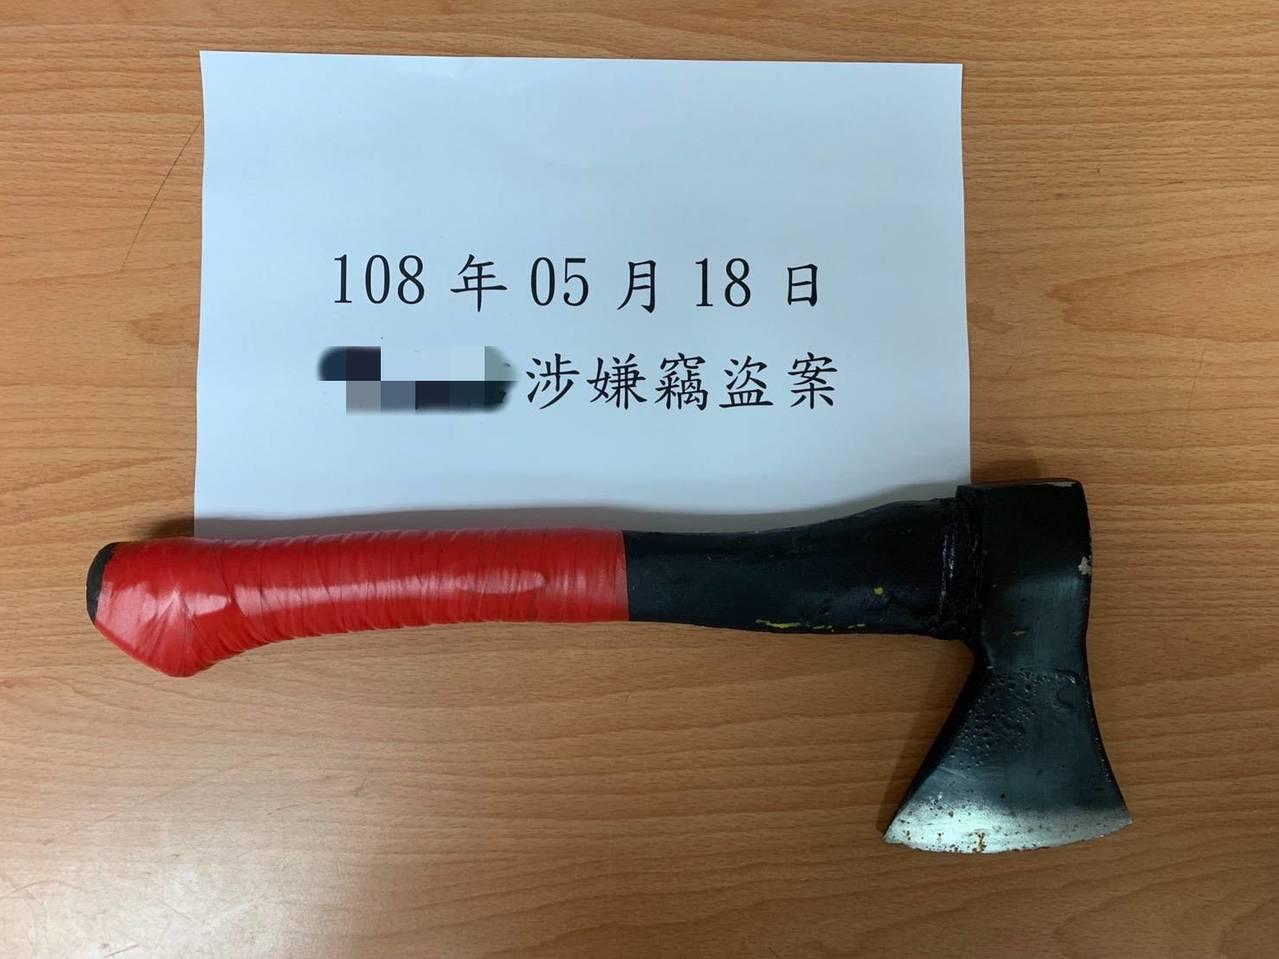 嫌犯犯案所用的斧頭,讓多家店家總計損失15萬元。記者巫鴻瑋/翻攝